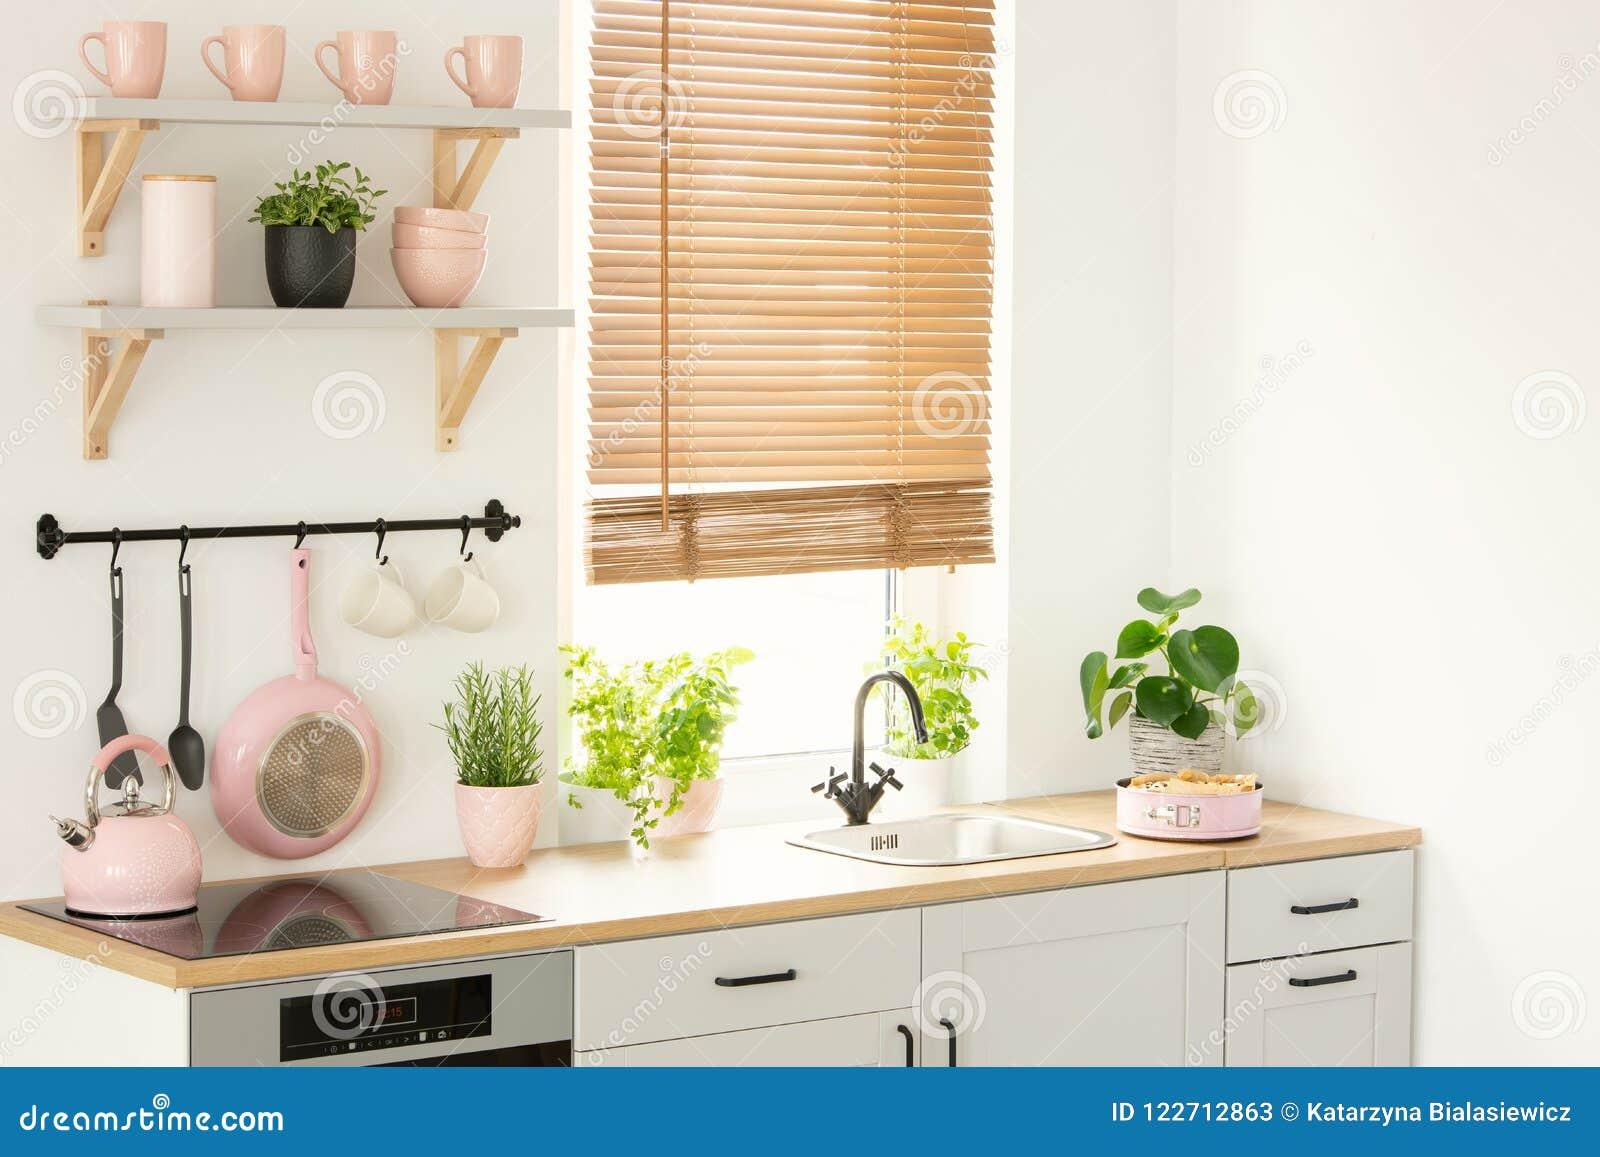 Kuchni Akcesoria Narzędzia Rośliny Nadokienni Ostrza I